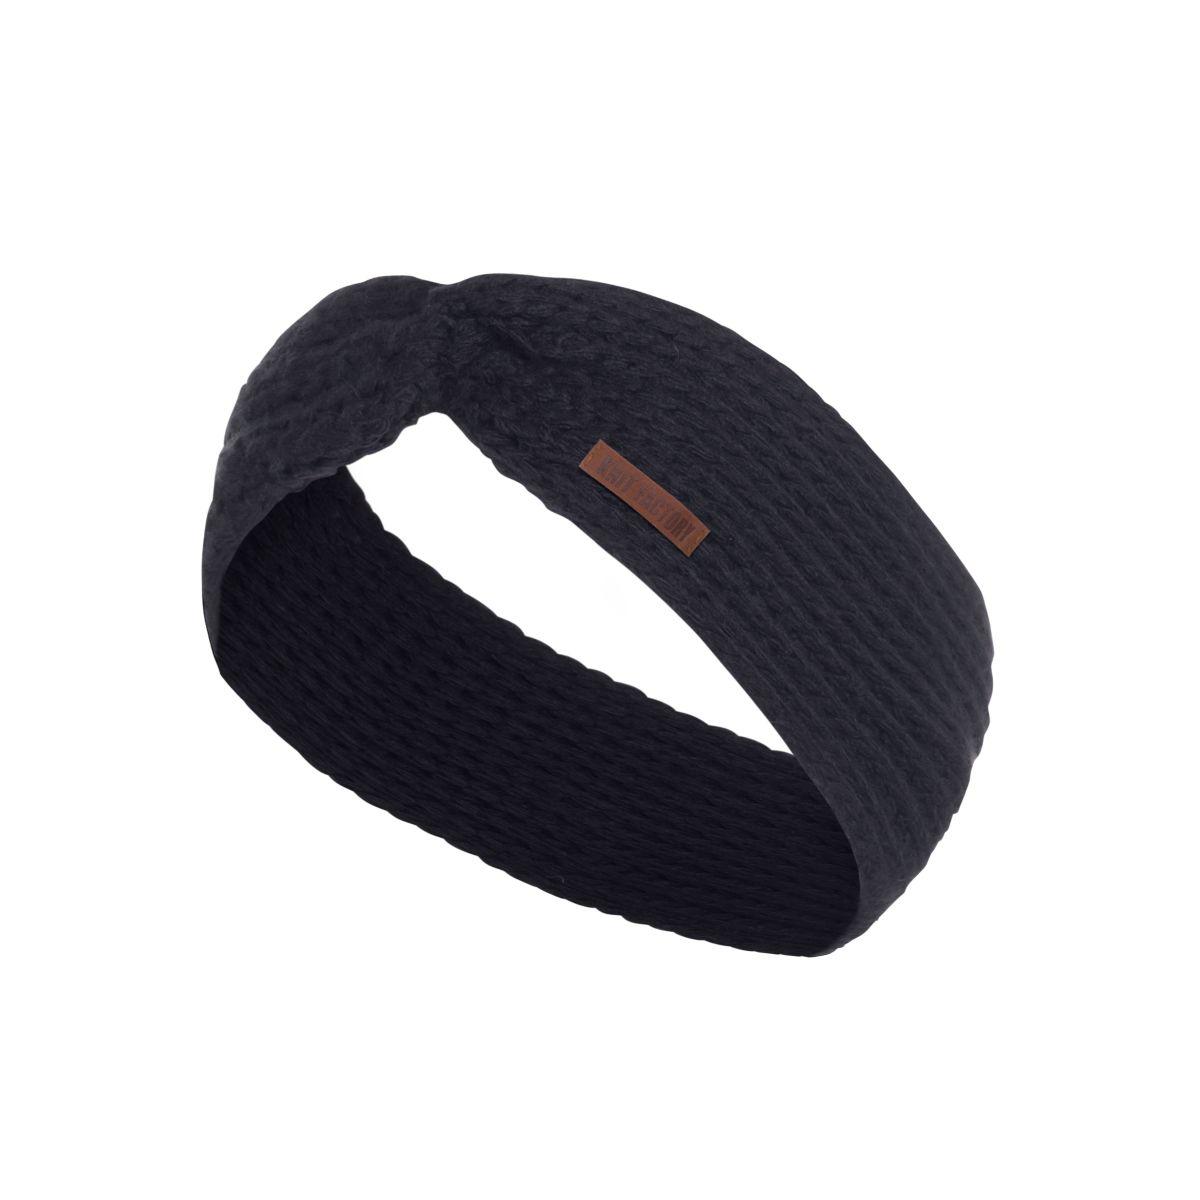 joy headband navy